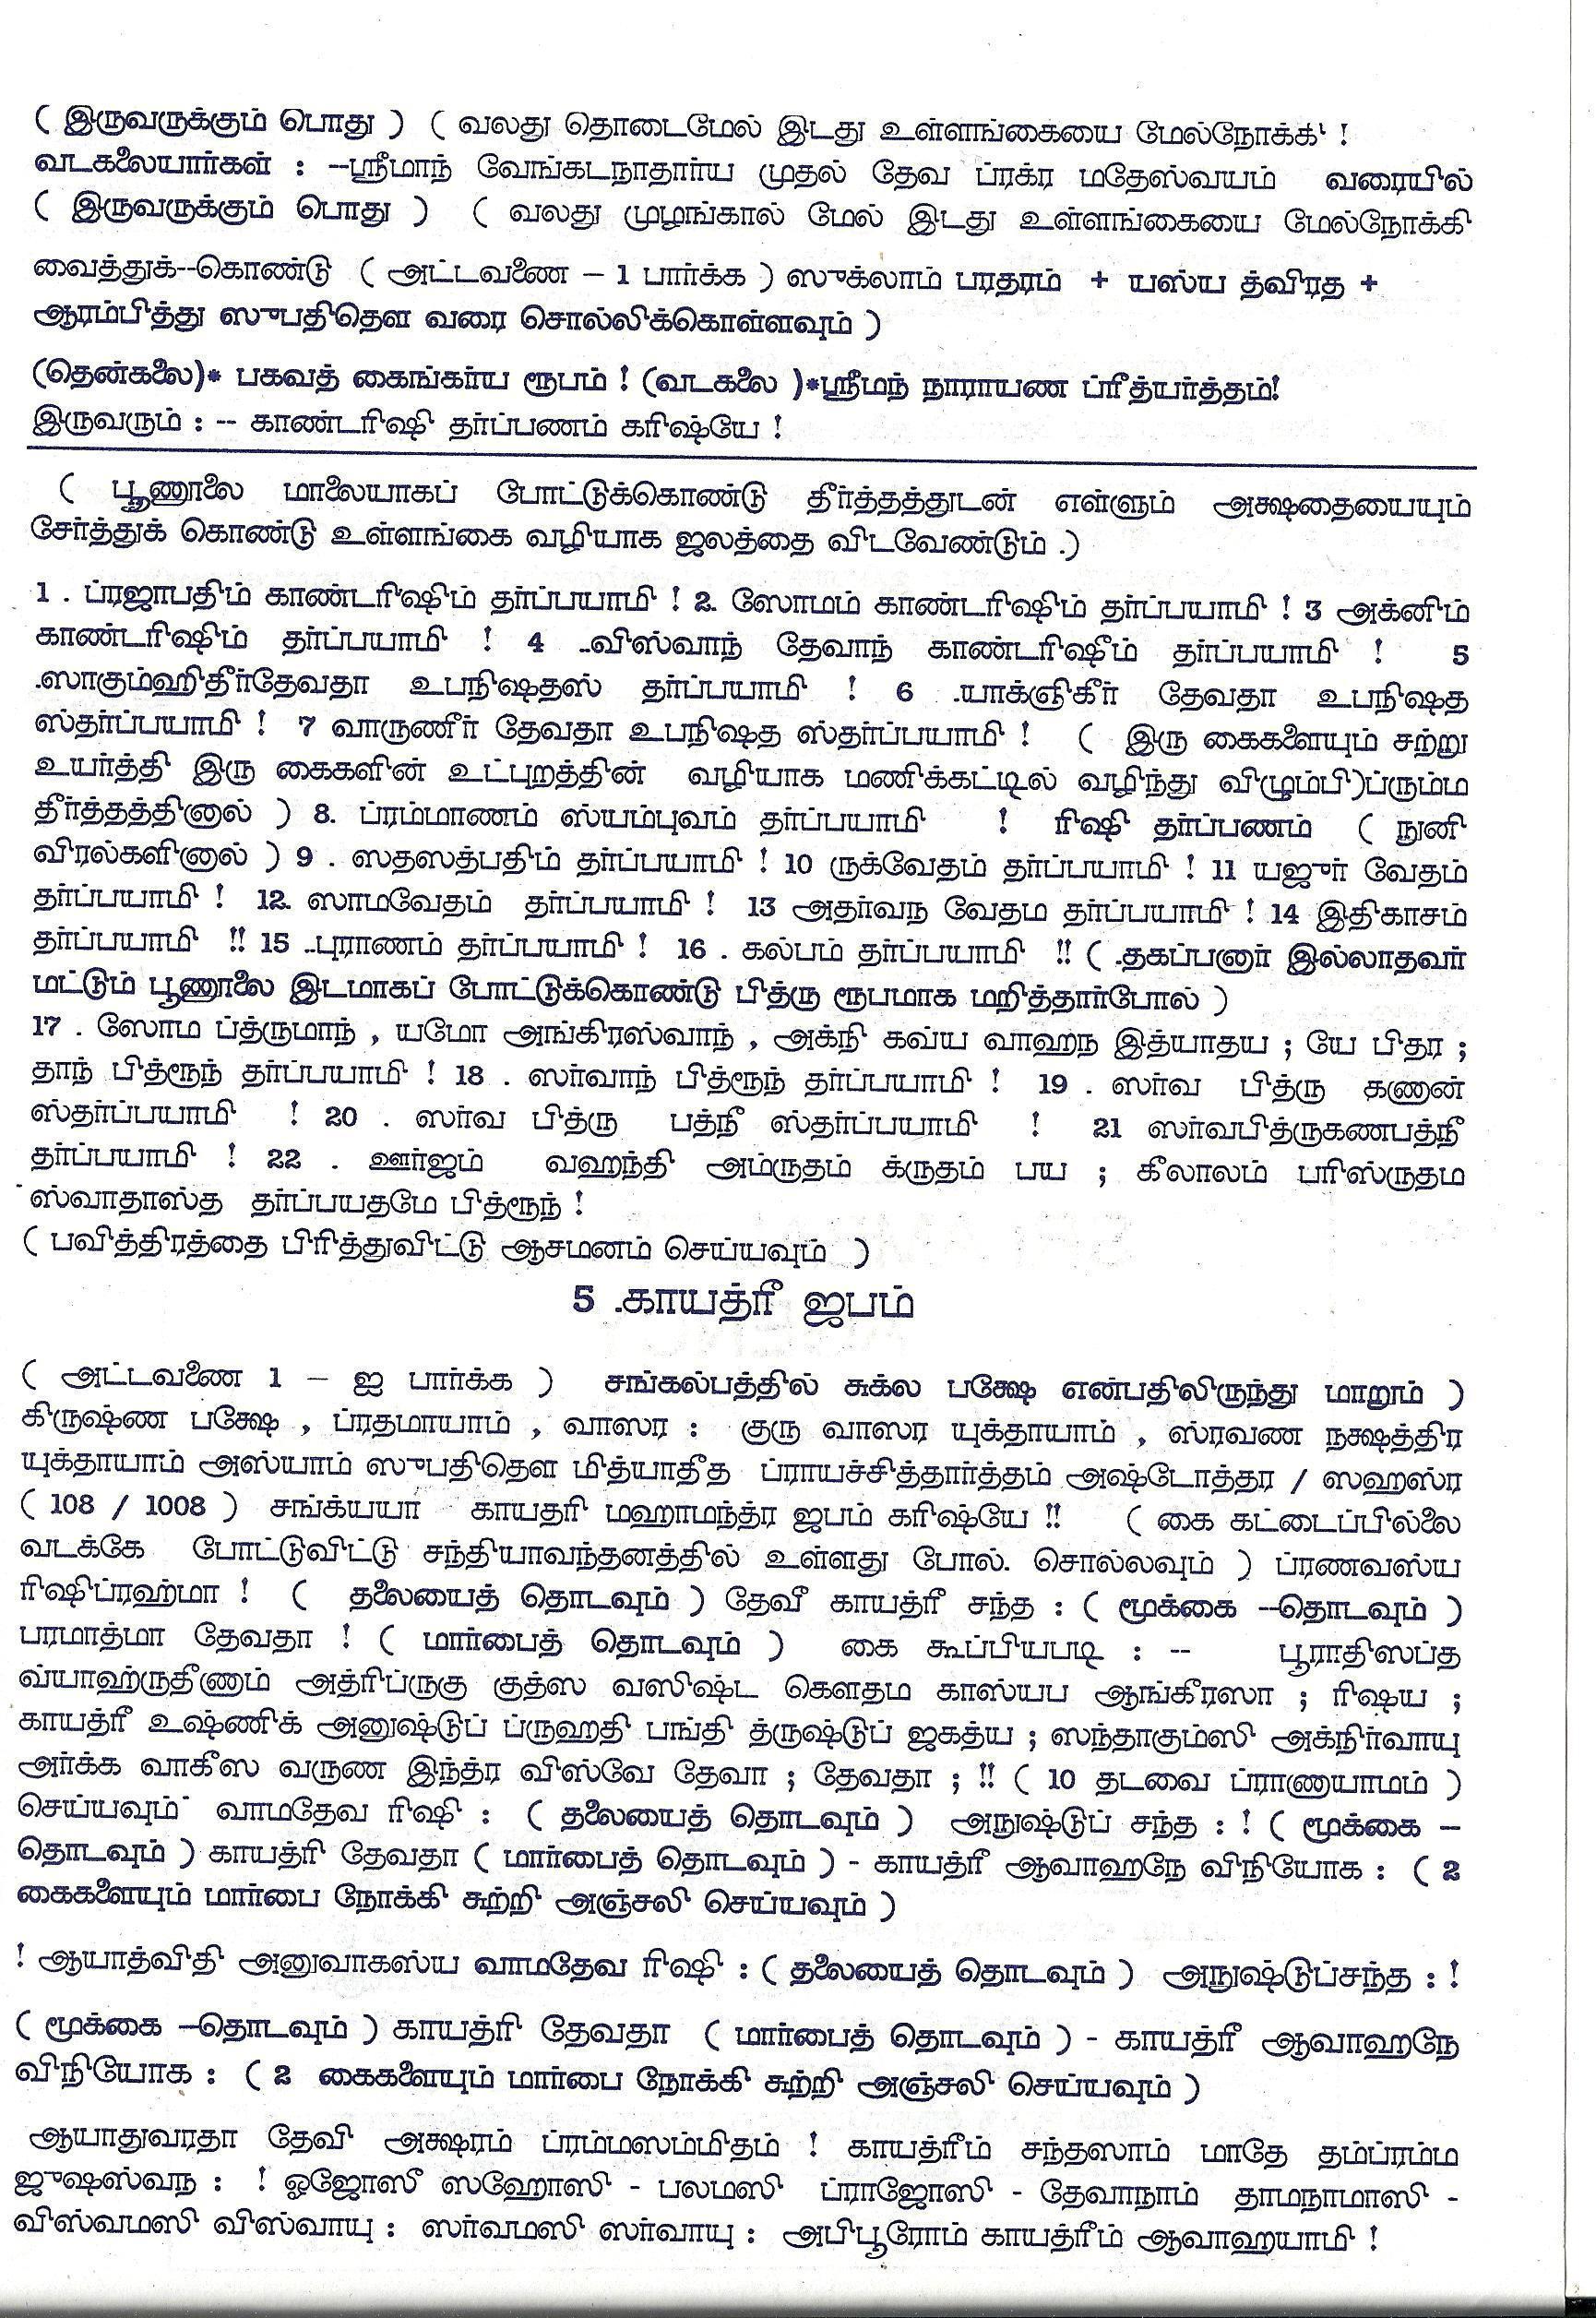 Avani Avittam 2019 | Upakarma | 15th August 2019 | Rakhi